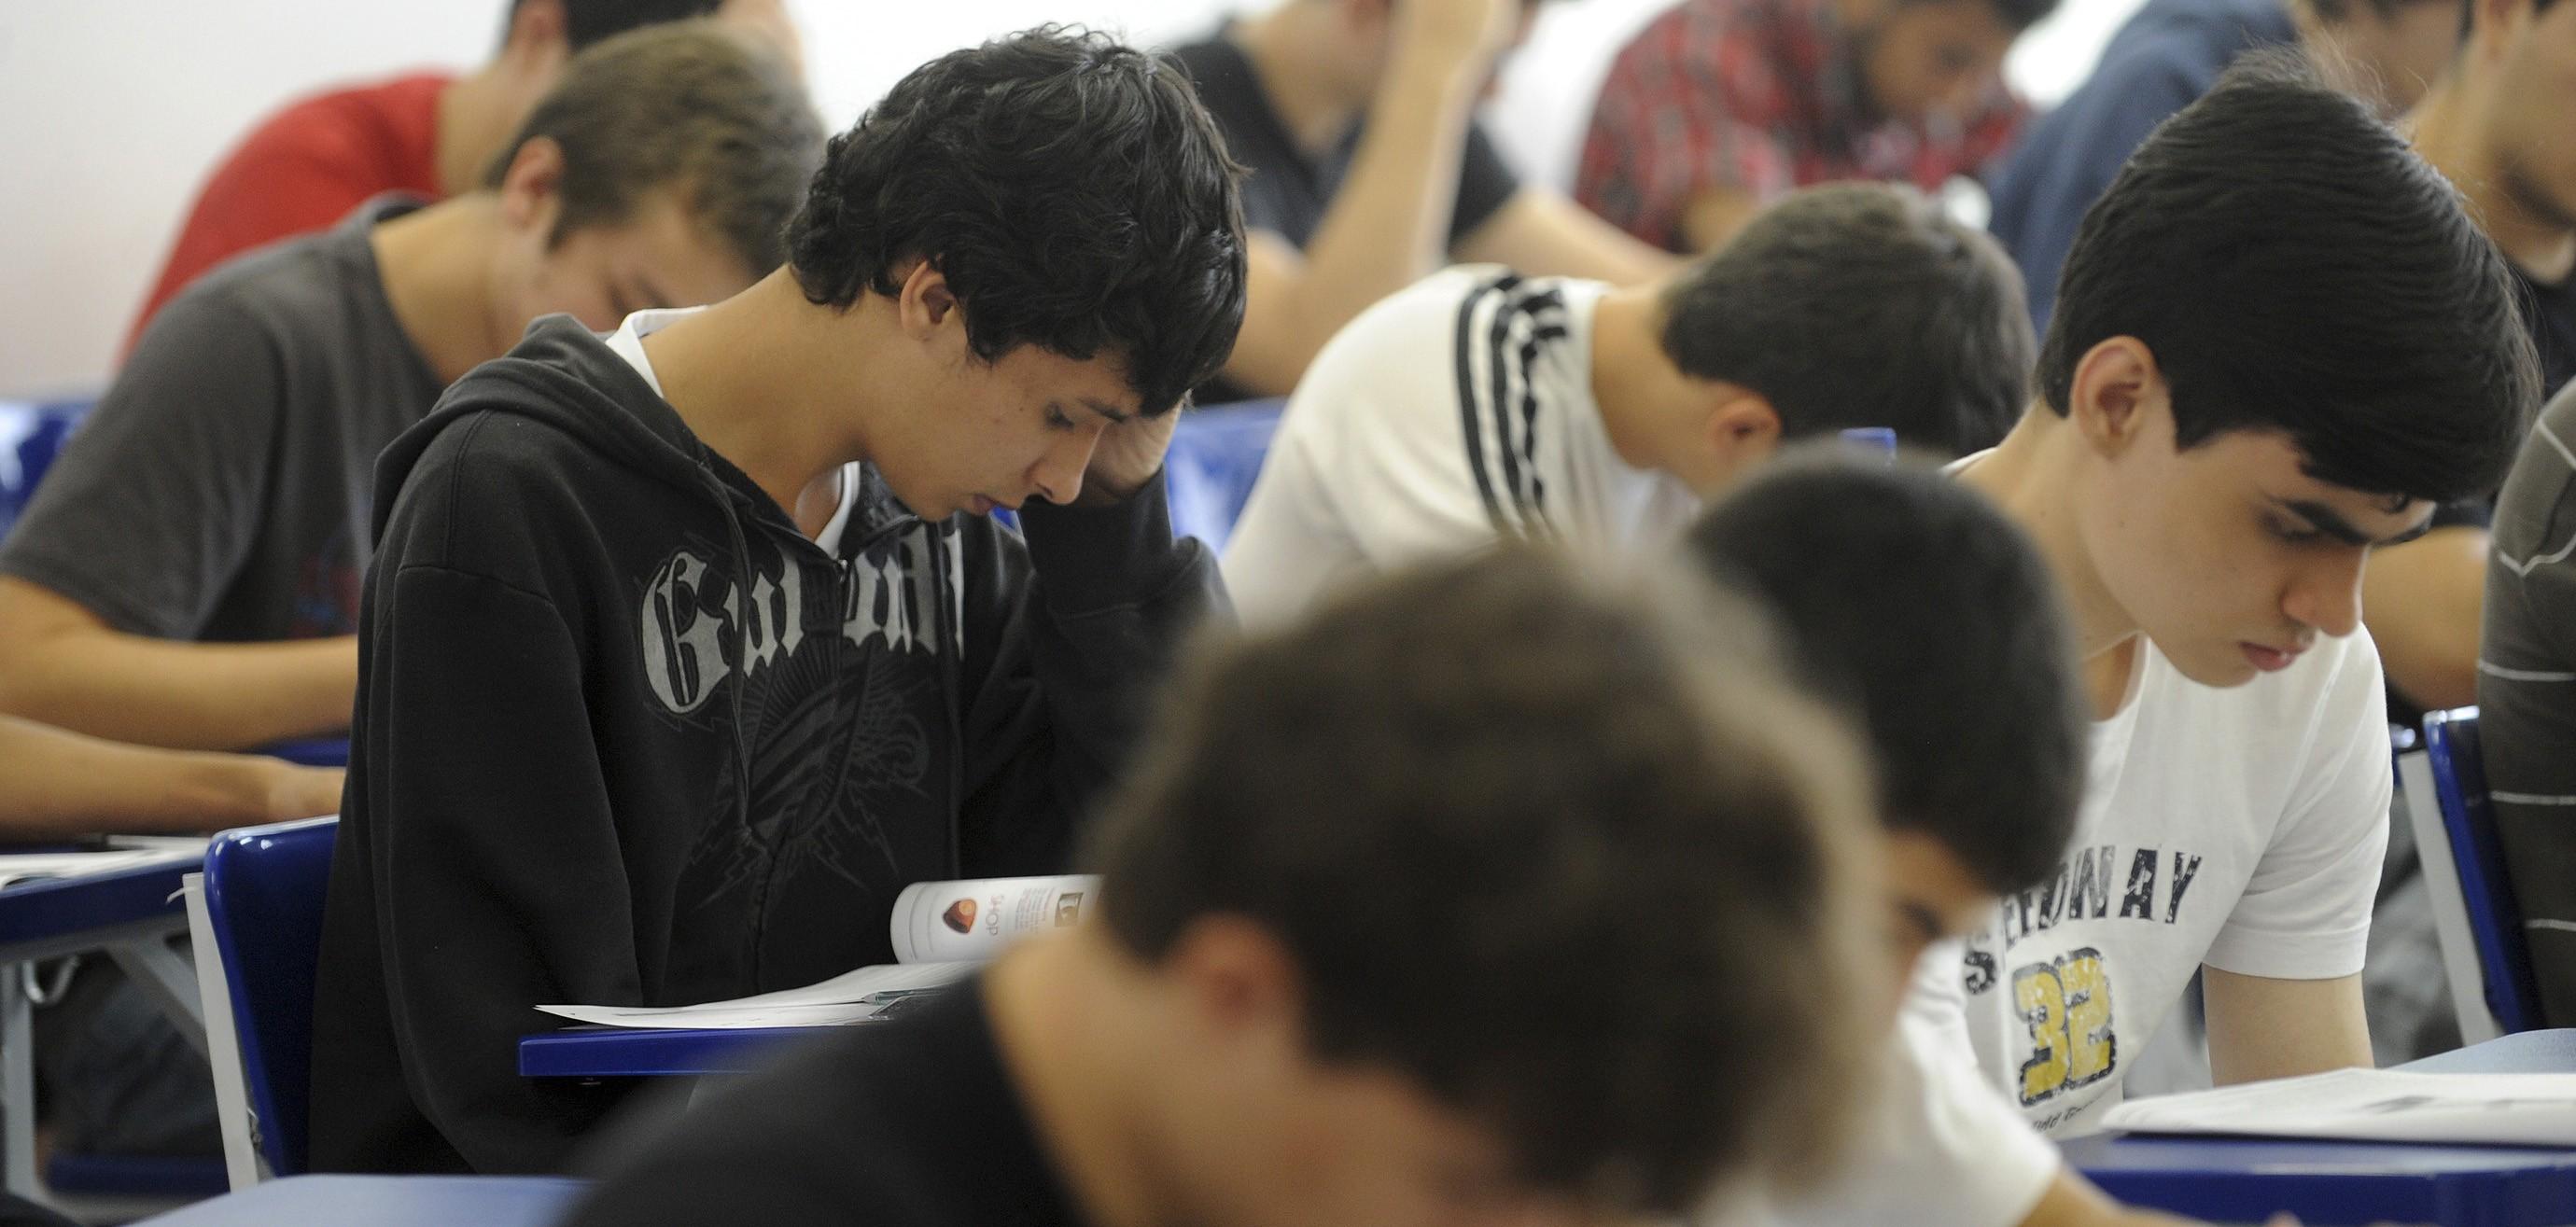 O ENEM ocorrerá nos dias 5 e 12 de novembro (Foto: Agência Brasil)